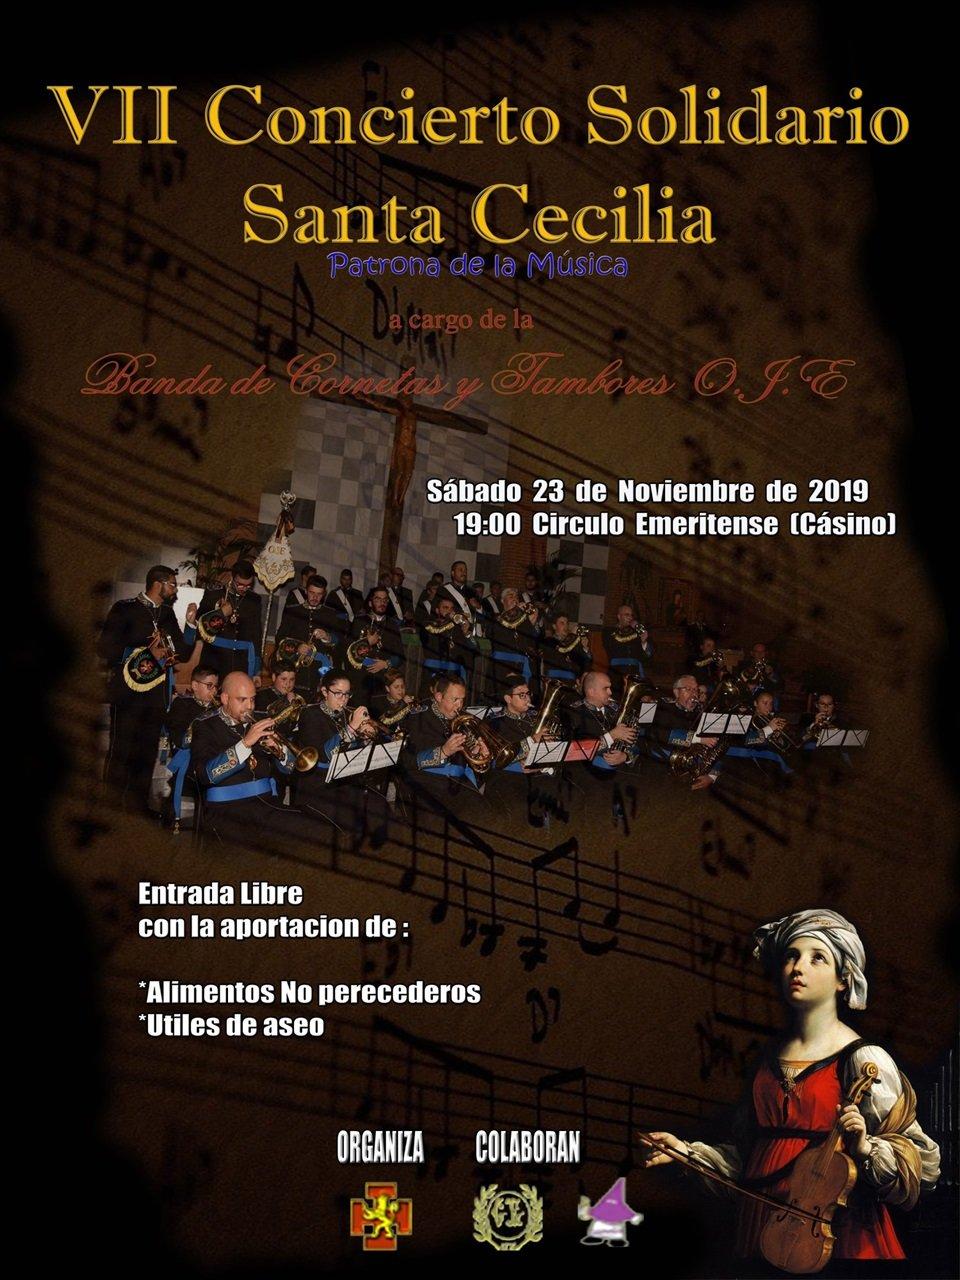 VII Concierto Solidario Santa Cecilia de O.J.E. Mérida